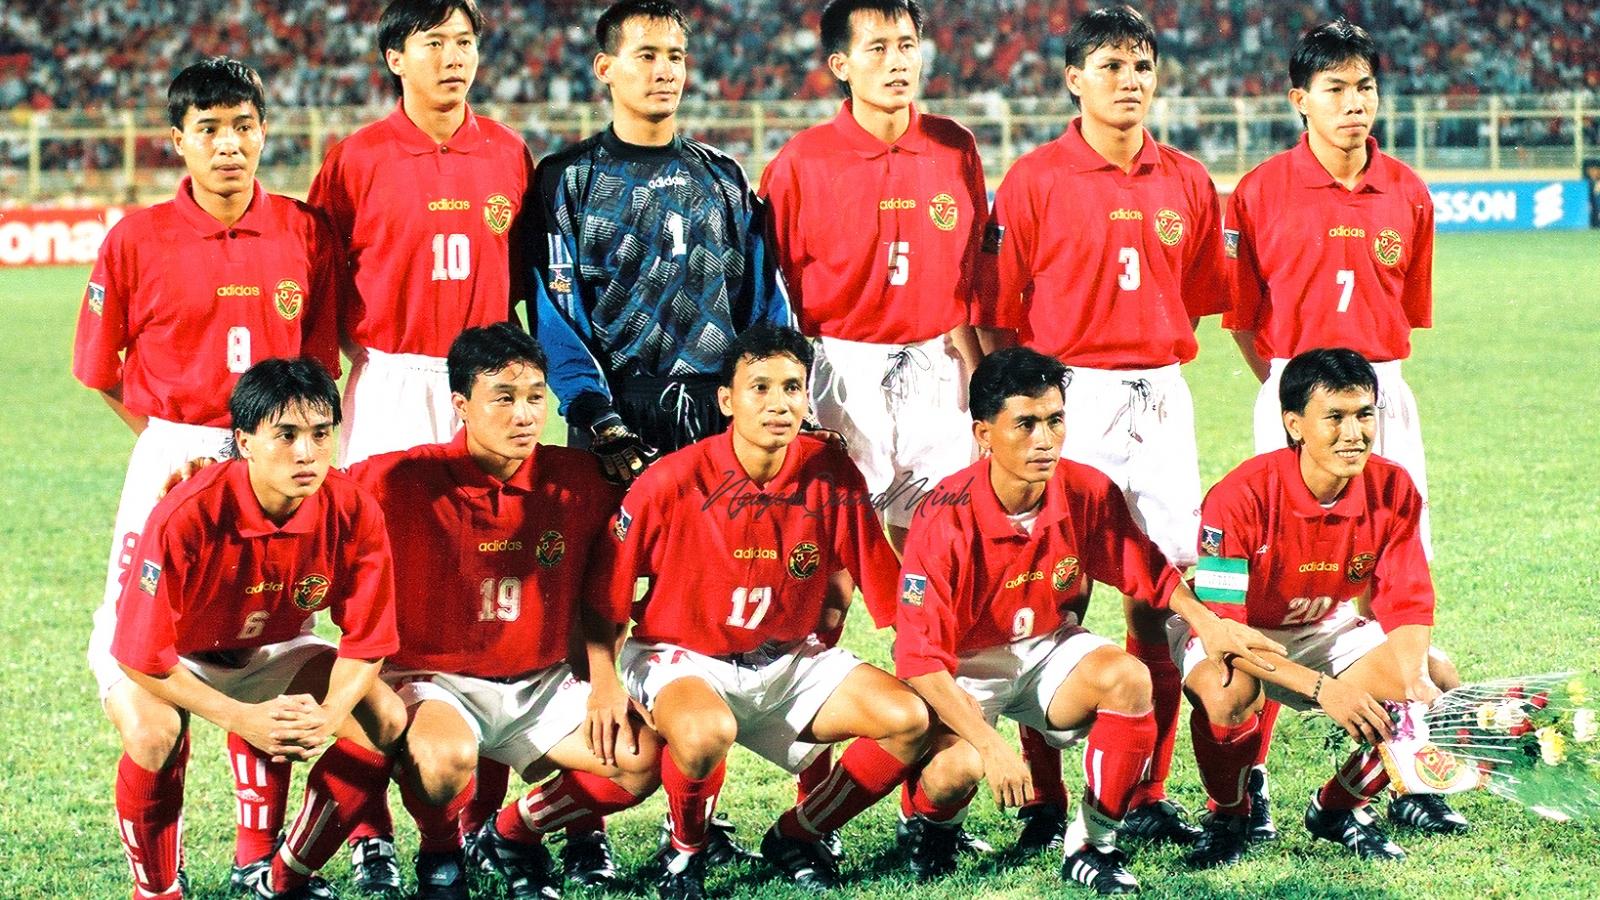 VIDEO: Trận đấu giàu cảm xúc nhất của ĐT Việt Nam dưới thời HLV Alfred Riedl